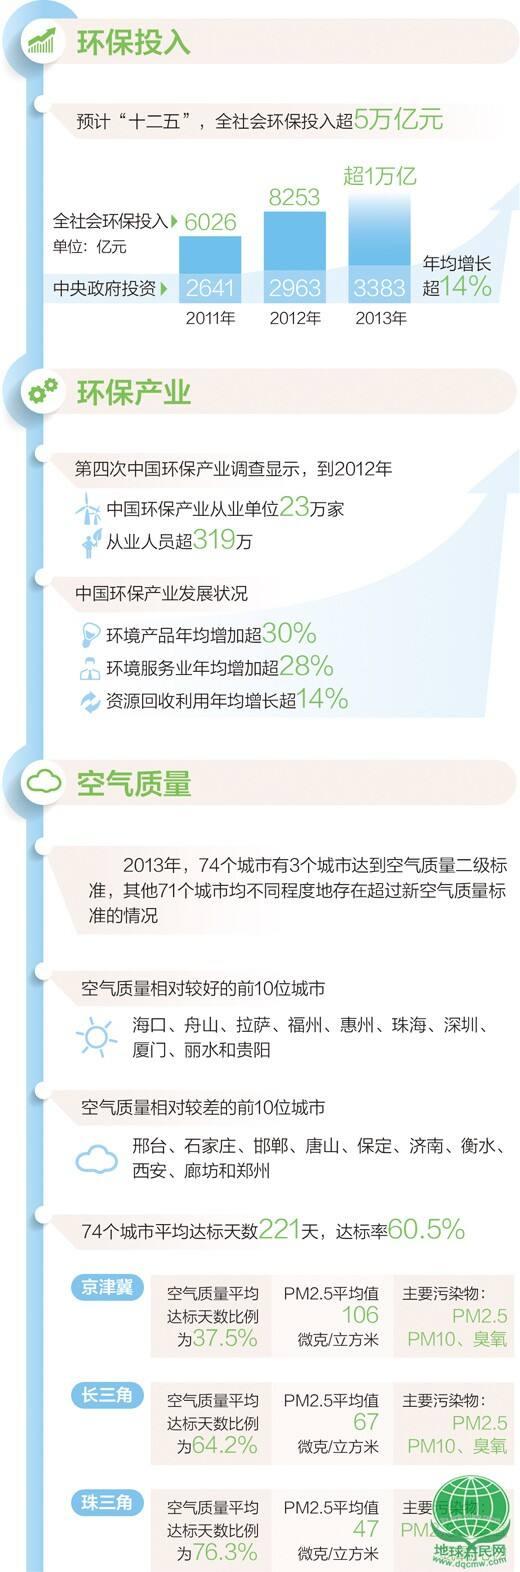 环境保护部副部长吴晓青答记者问 污染治理 打攻坚战更要打持久战